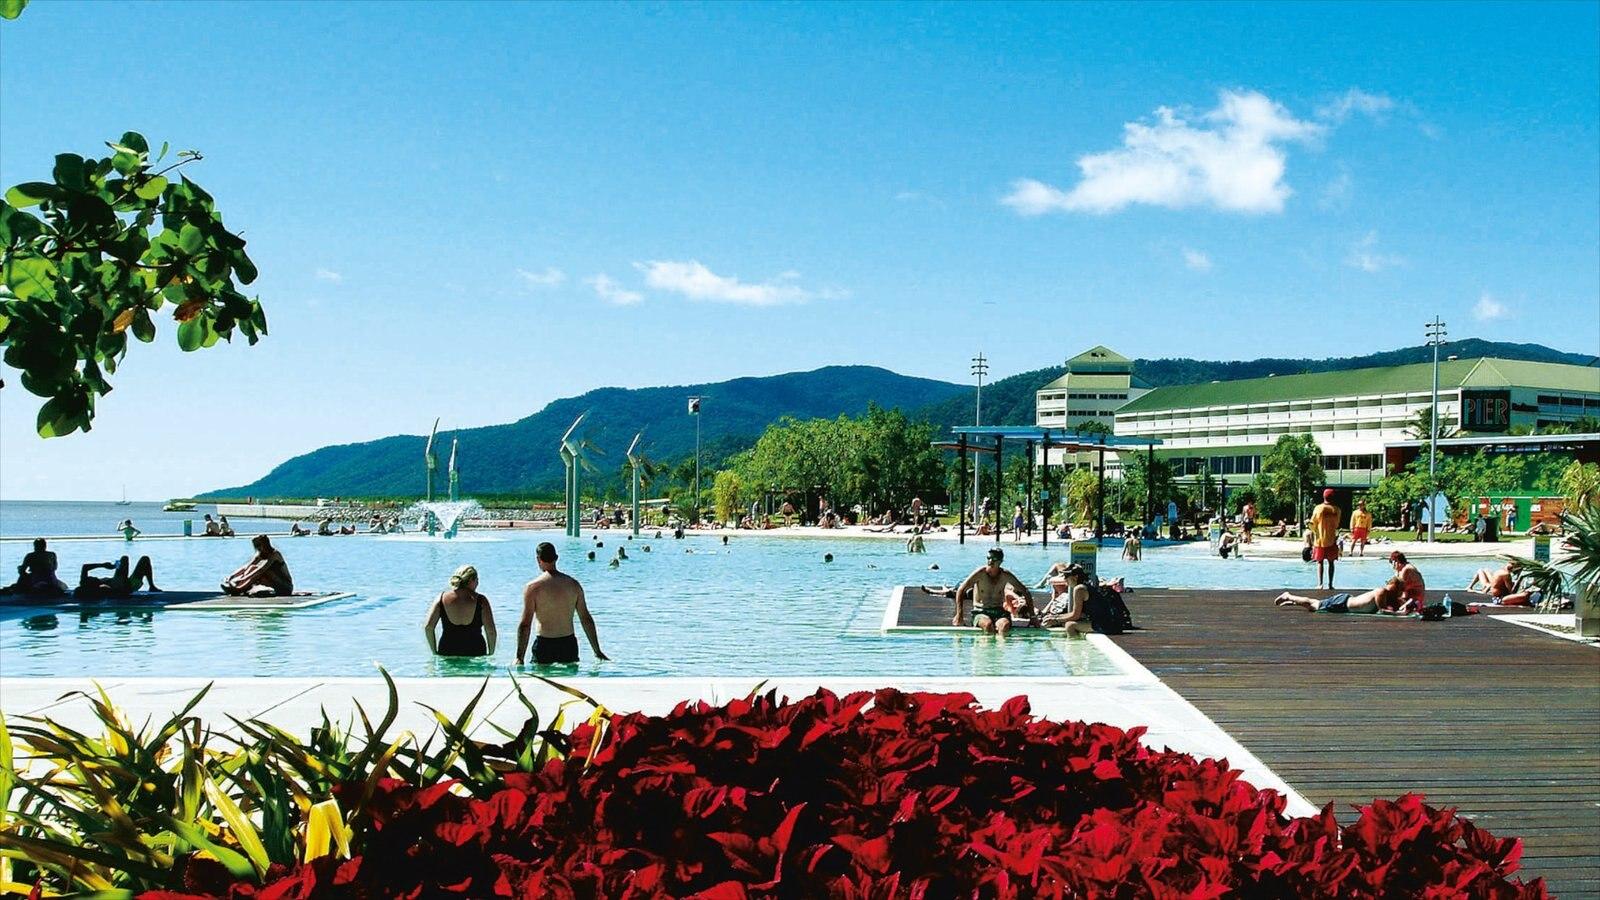 Cairns Esplanade que incluye un hotel o resort de lujo, natación y una alberca